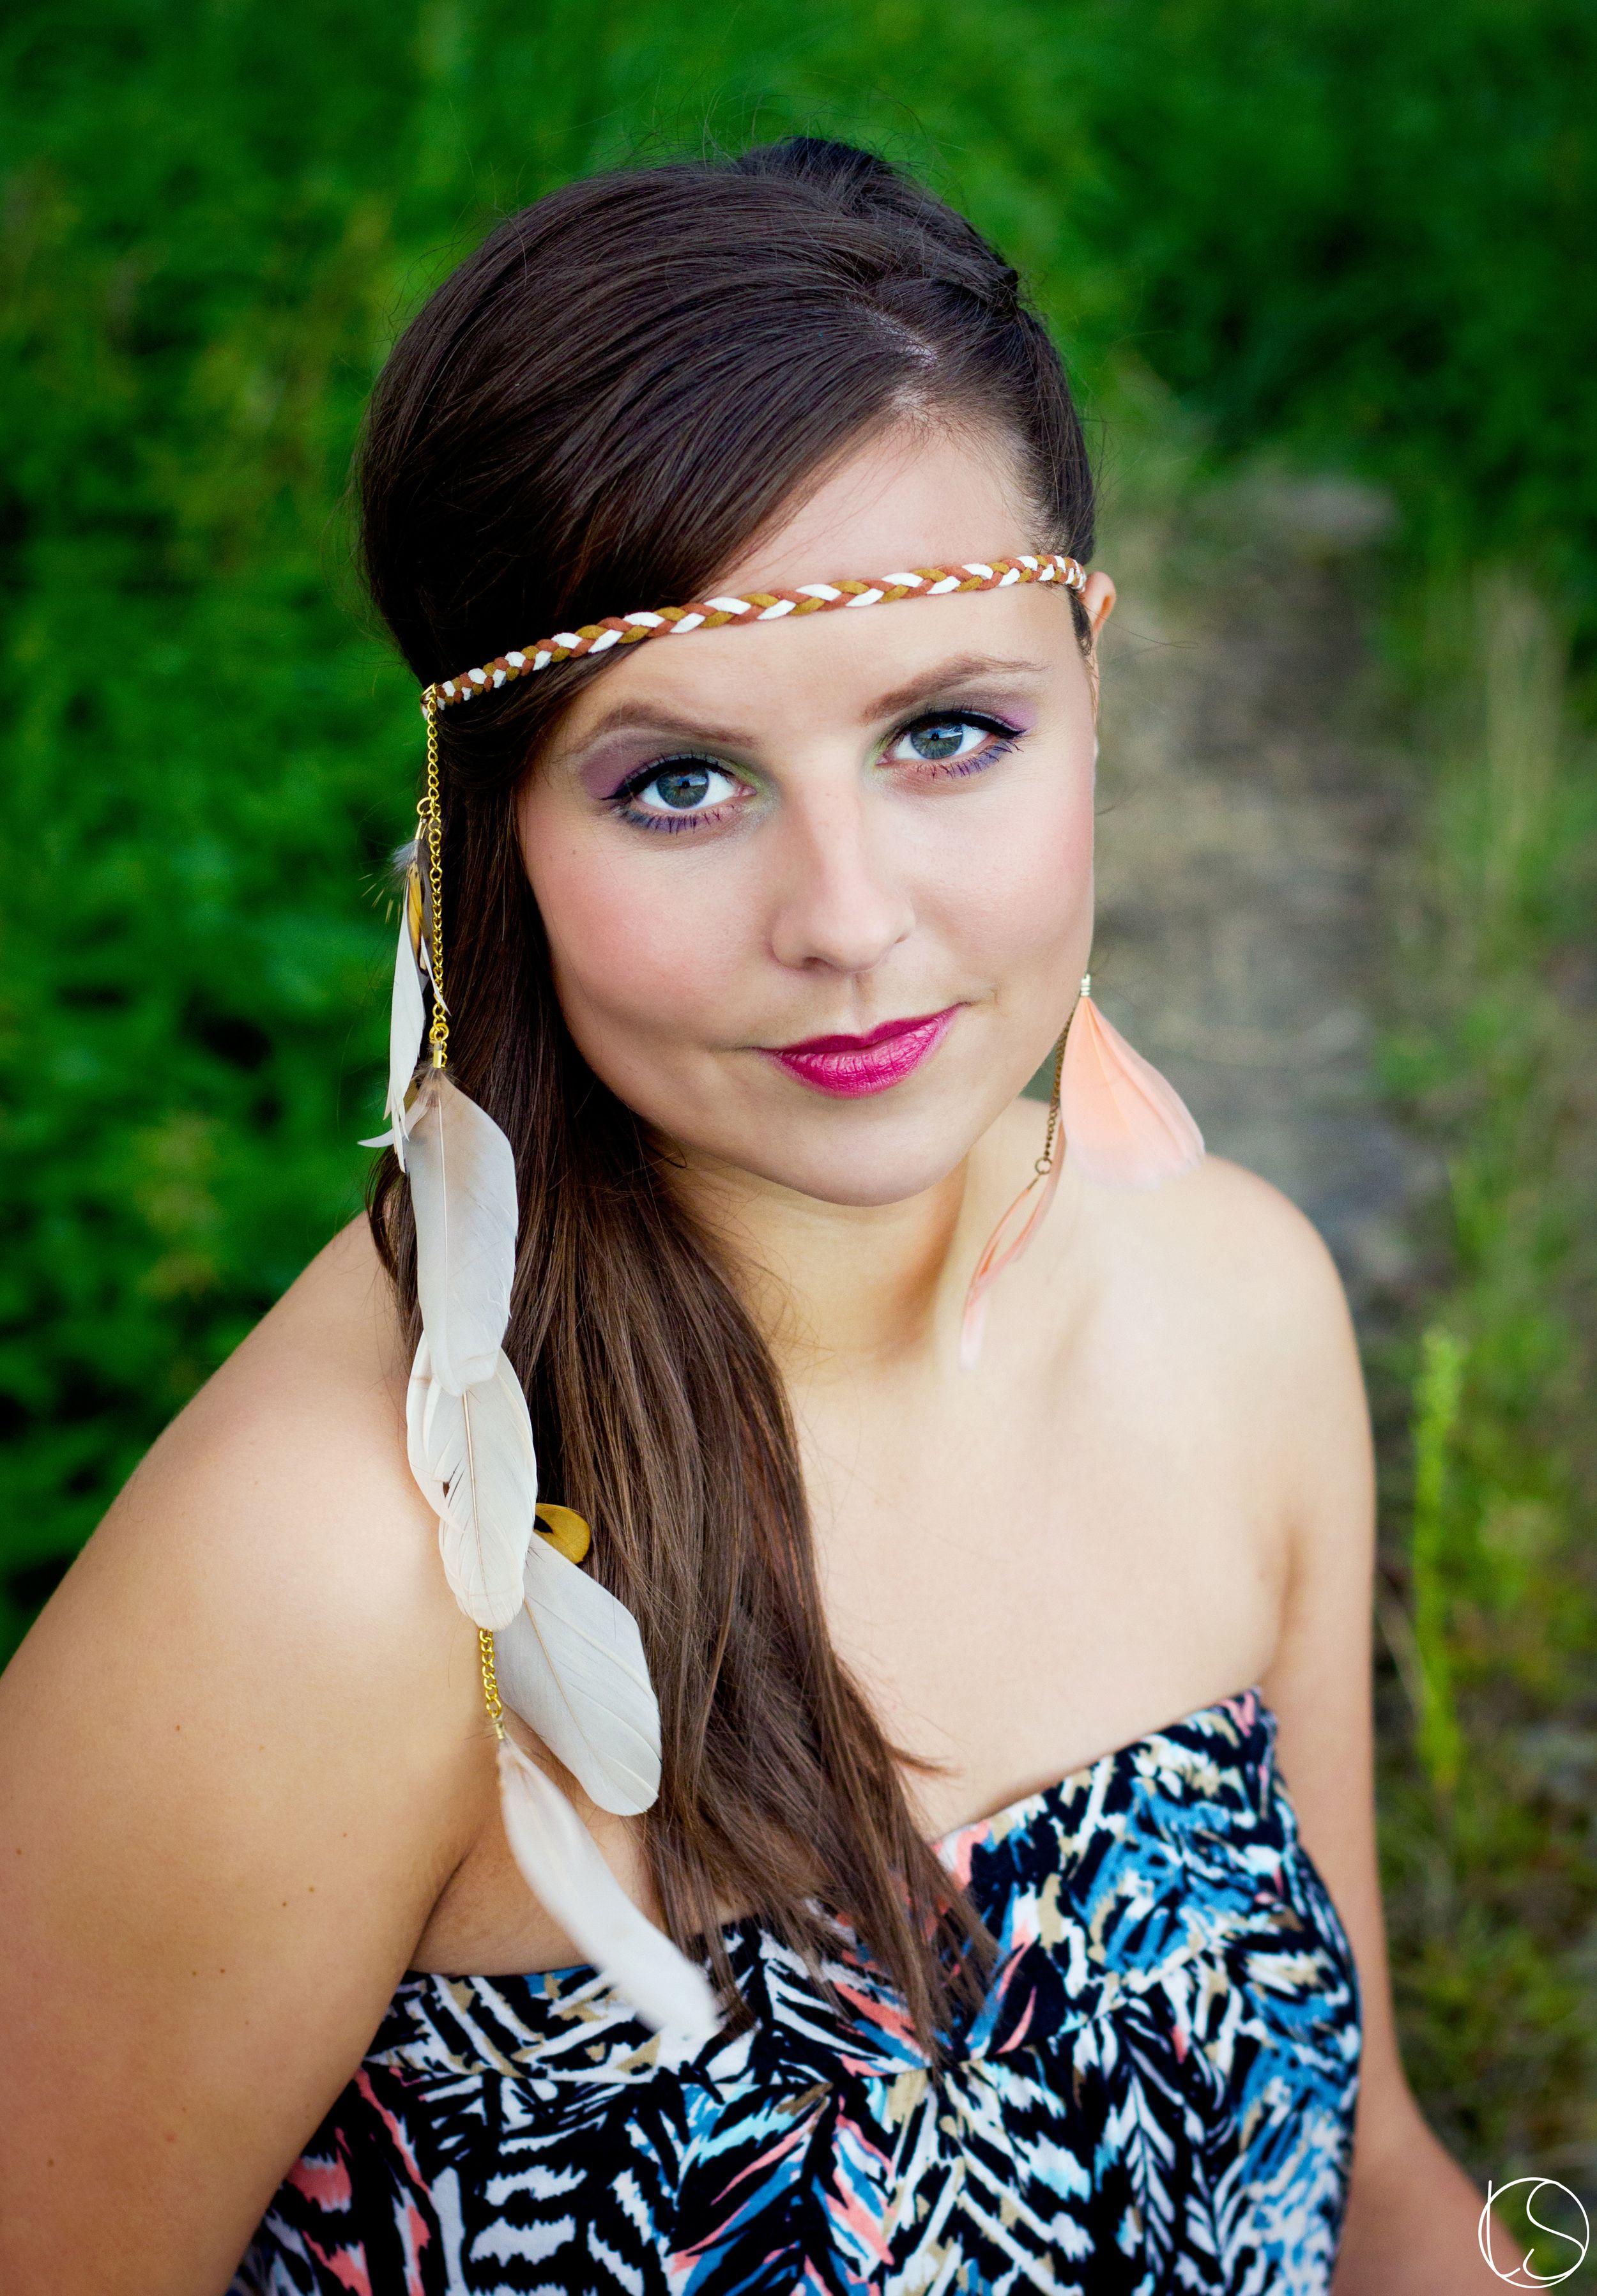 hippie girl ♥ - model: kathrin haare make up: lisa olah